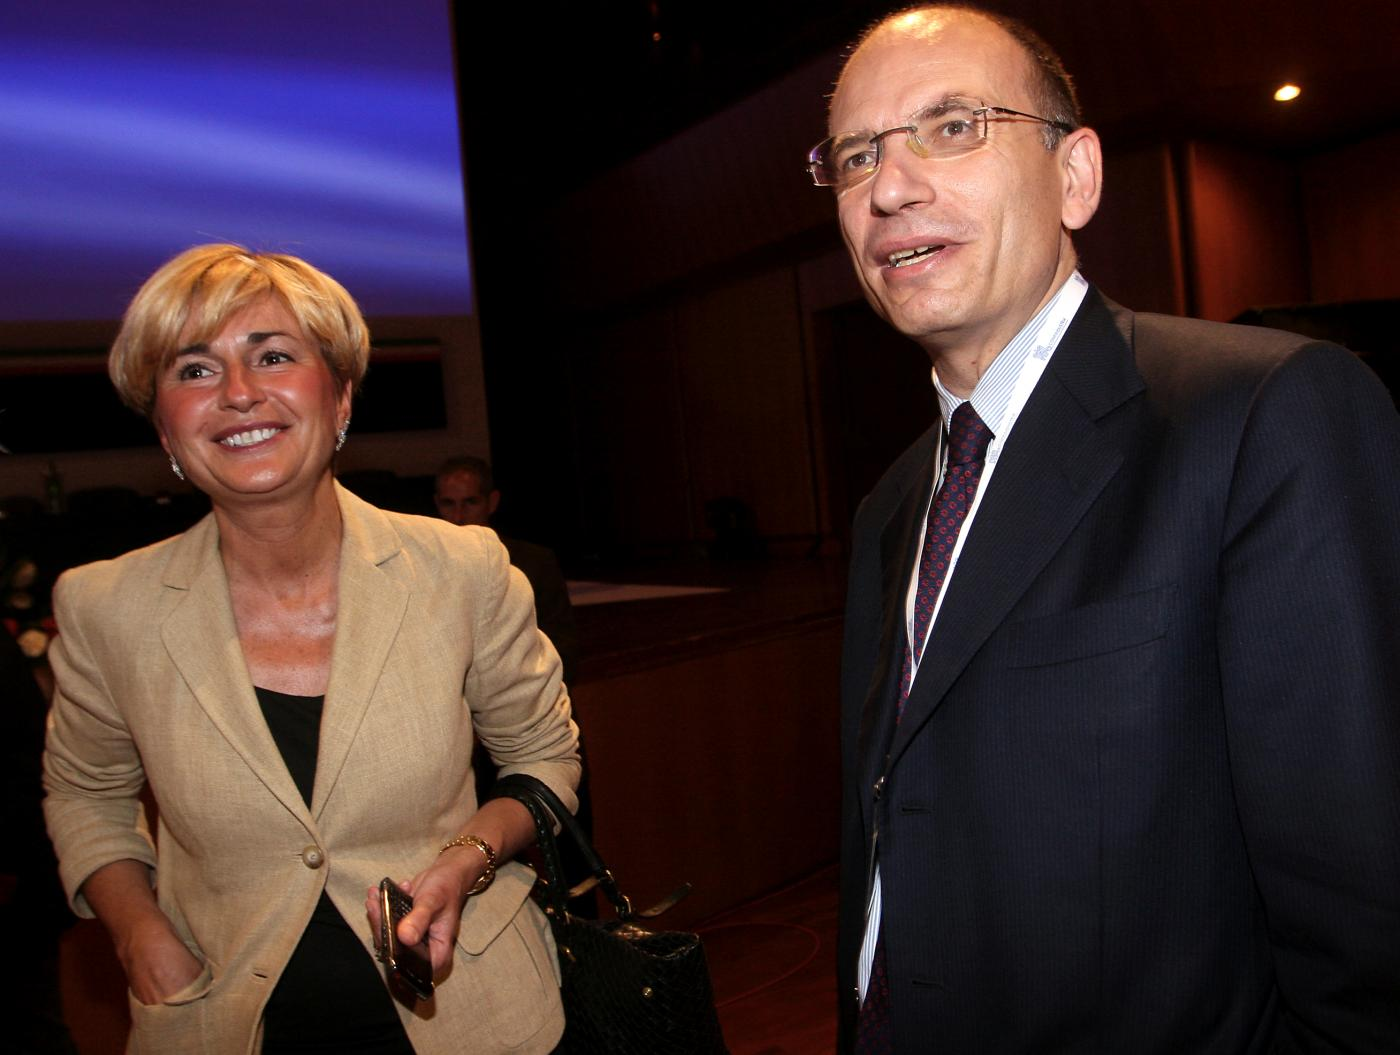 Chi è Federica Guidi, nuovo ministro allo Sviluppo Economico